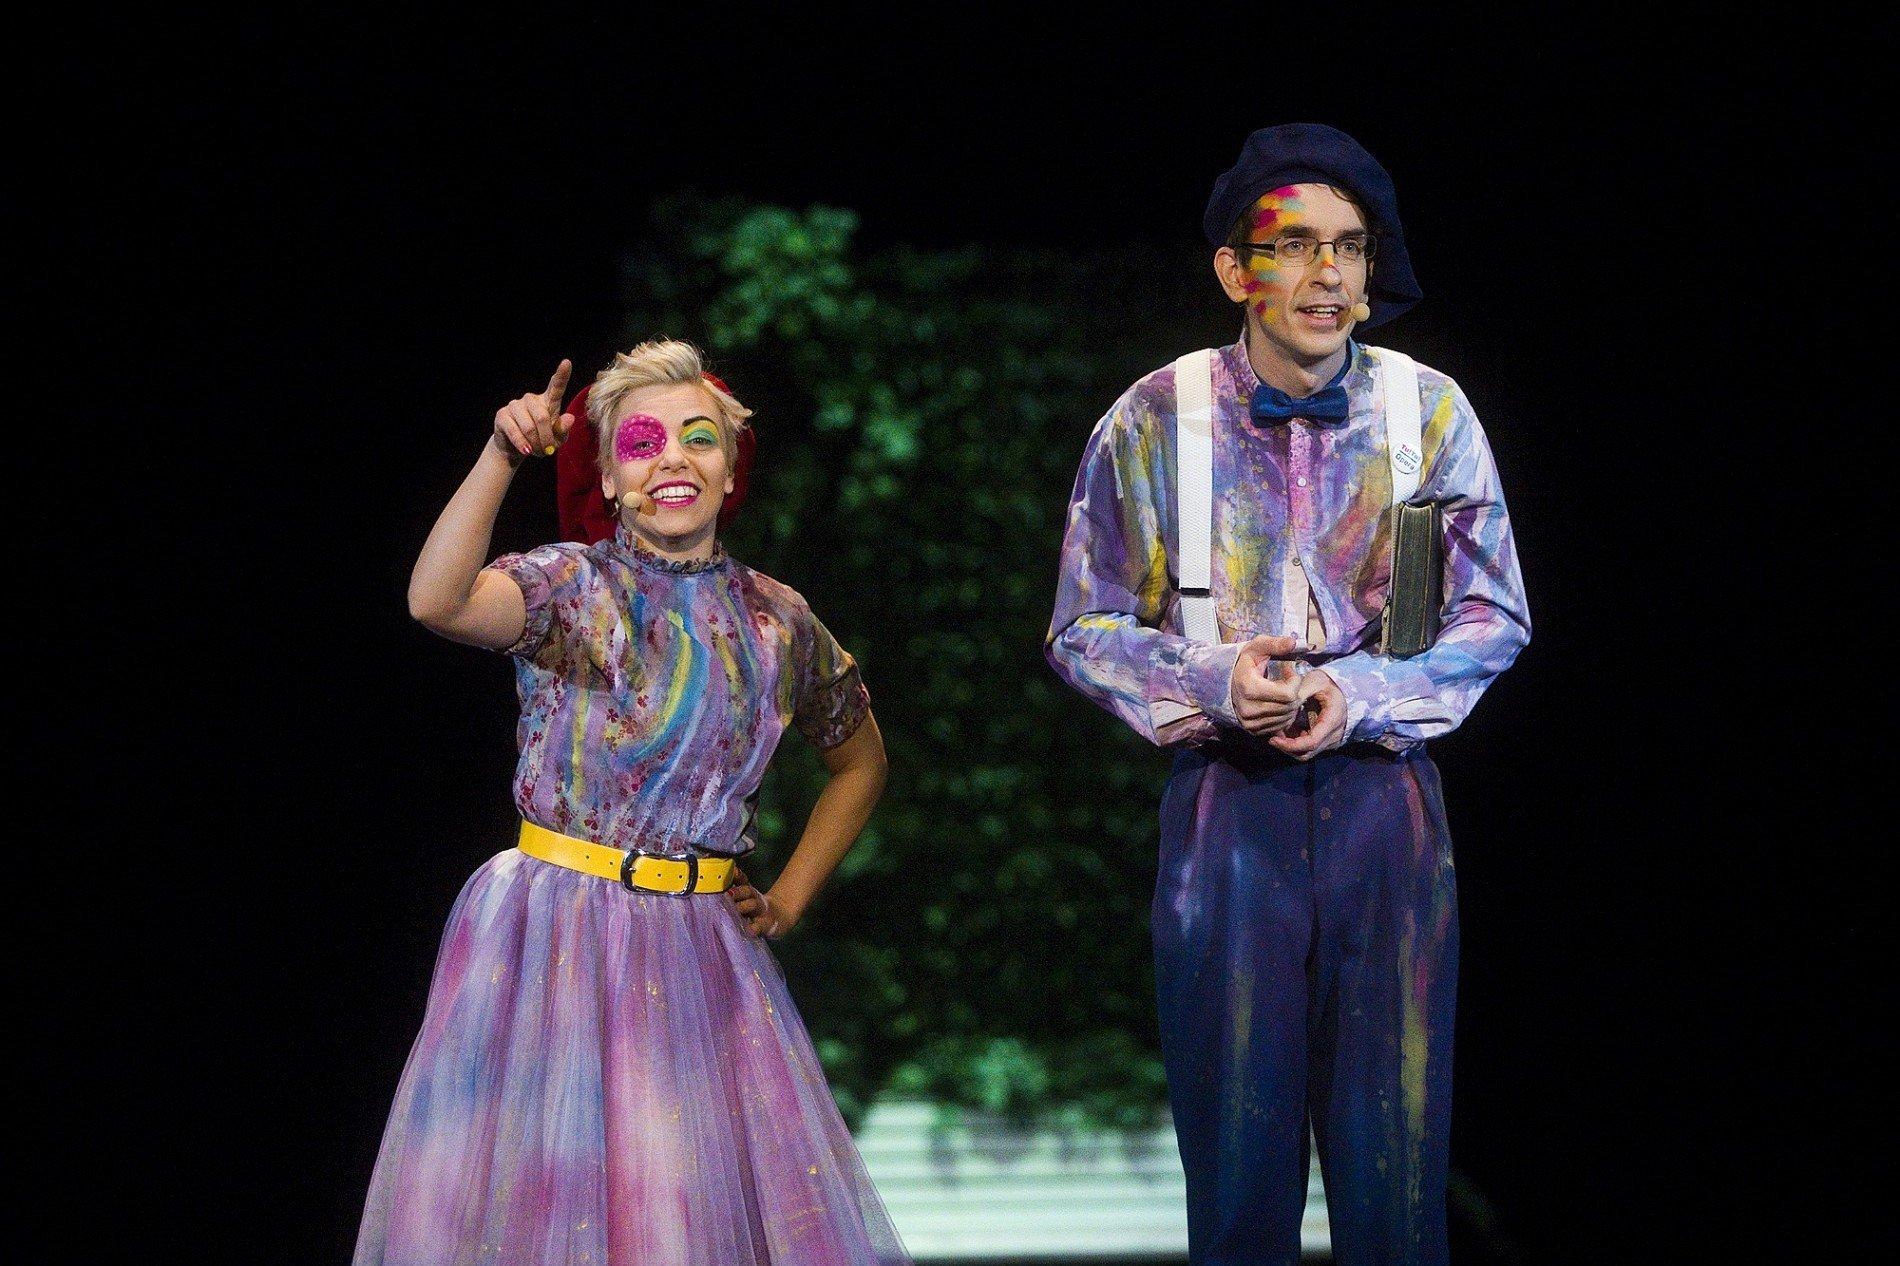 Opera Tu! Tu! - Macchina del vento, wspomnienie włoskiego zefiru